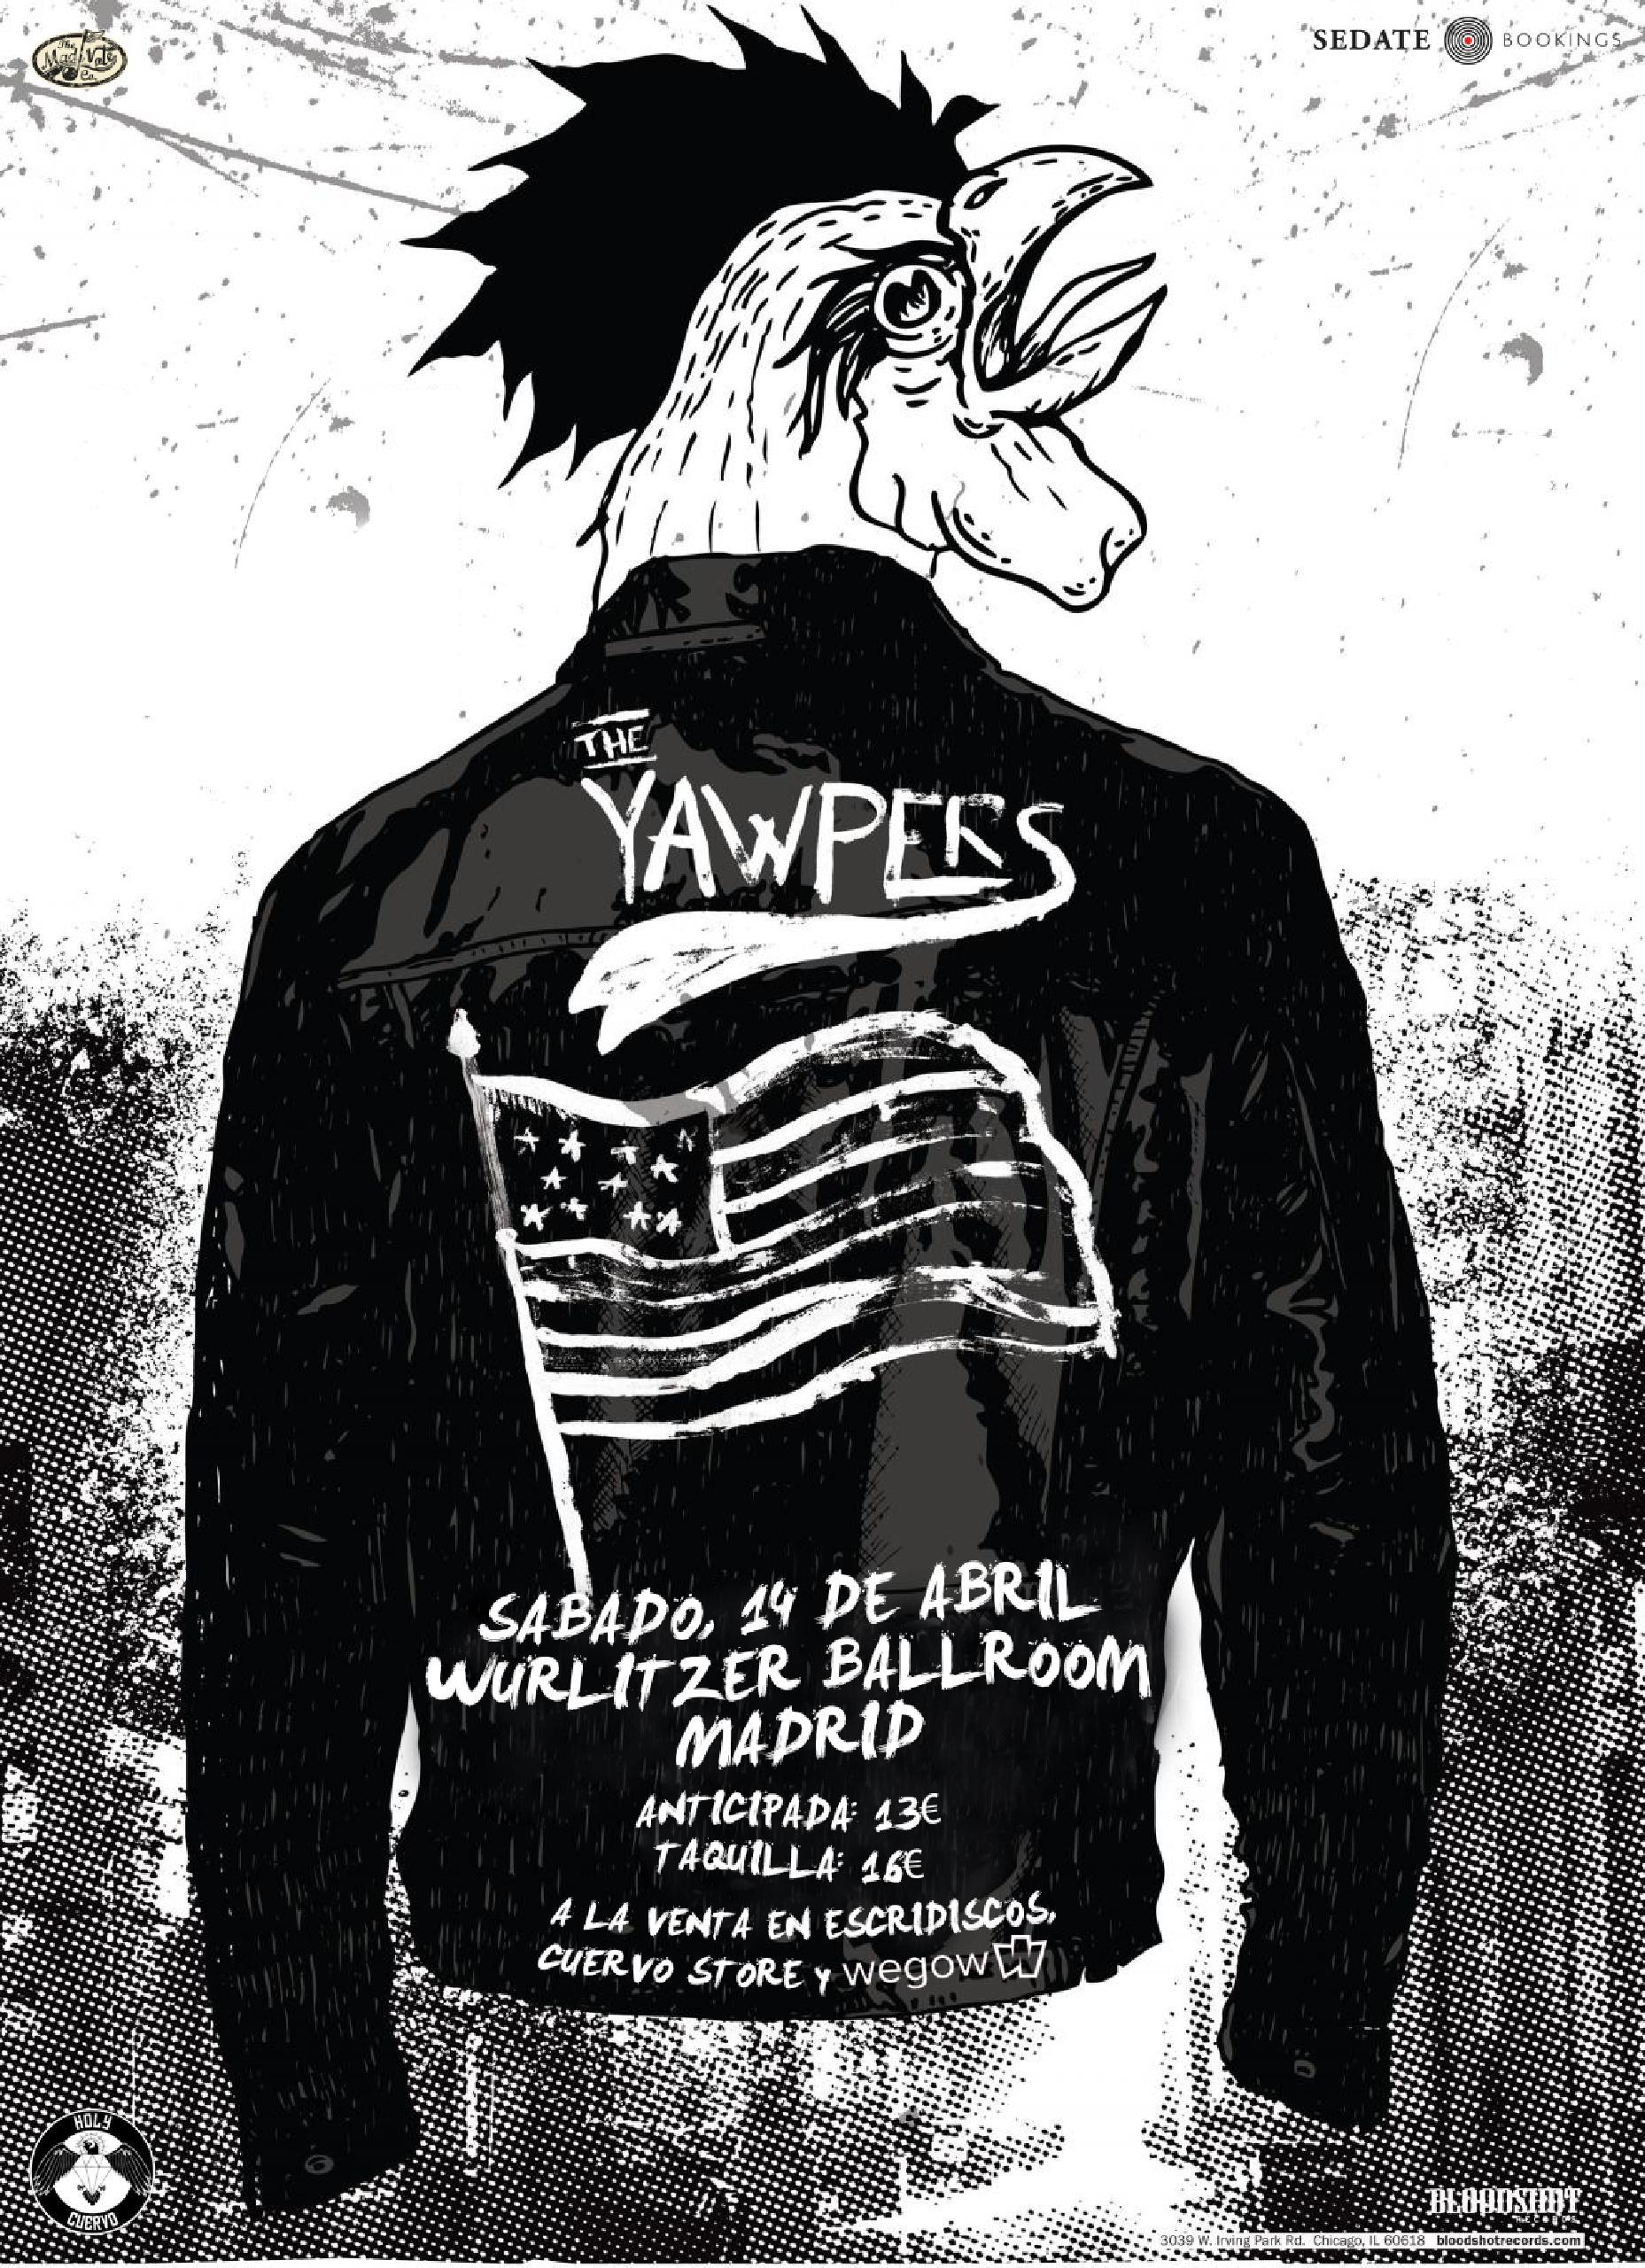 concierto Yapwers en madrid